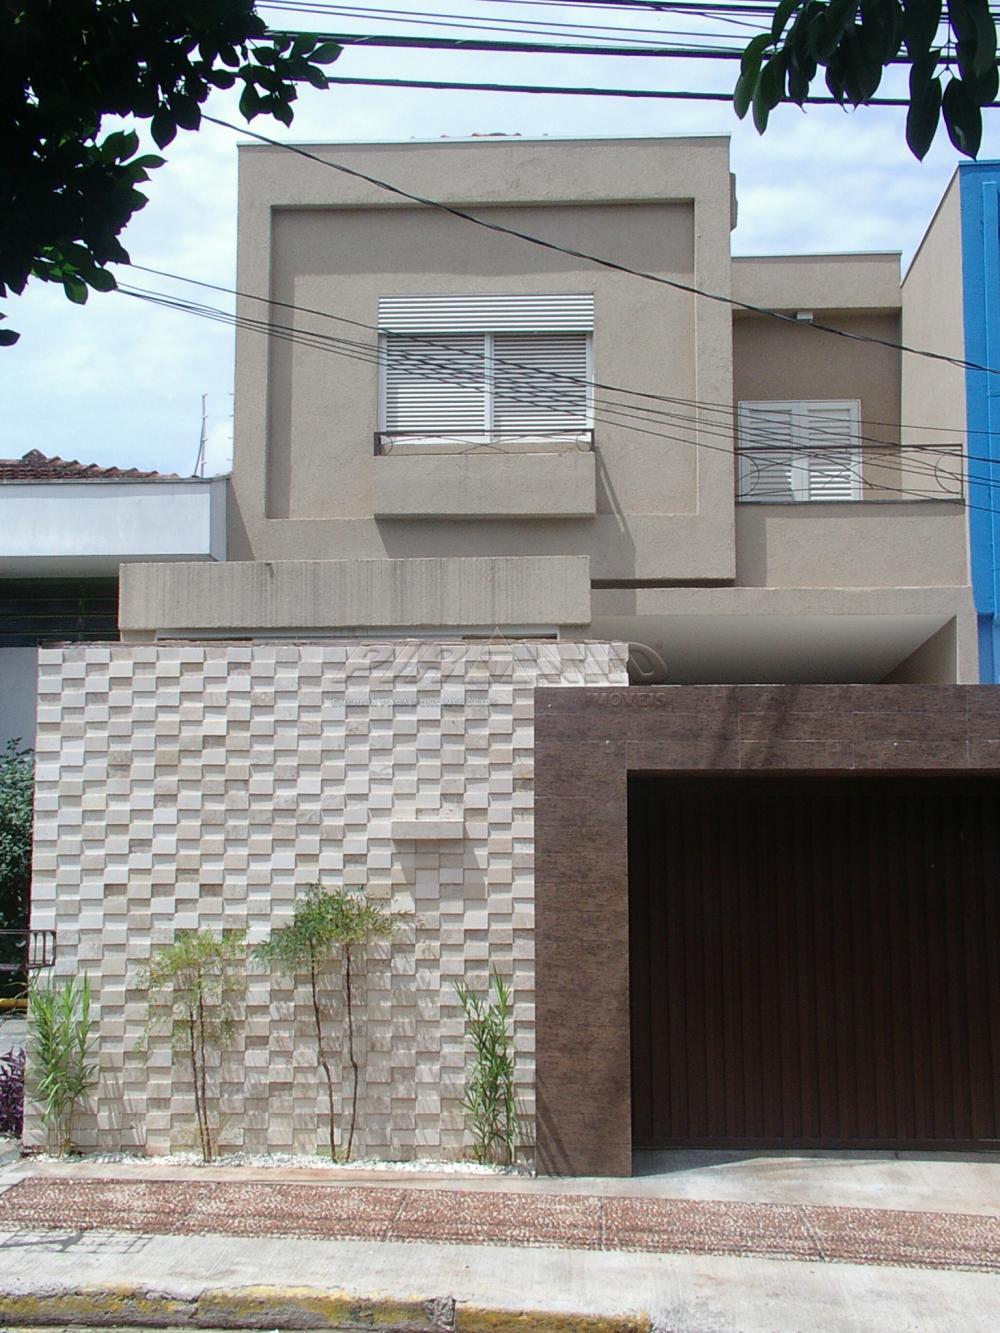 Comprar Casa / Padrão em Ribeirão Preto apenas R$ 550.000,00 - Foto 2